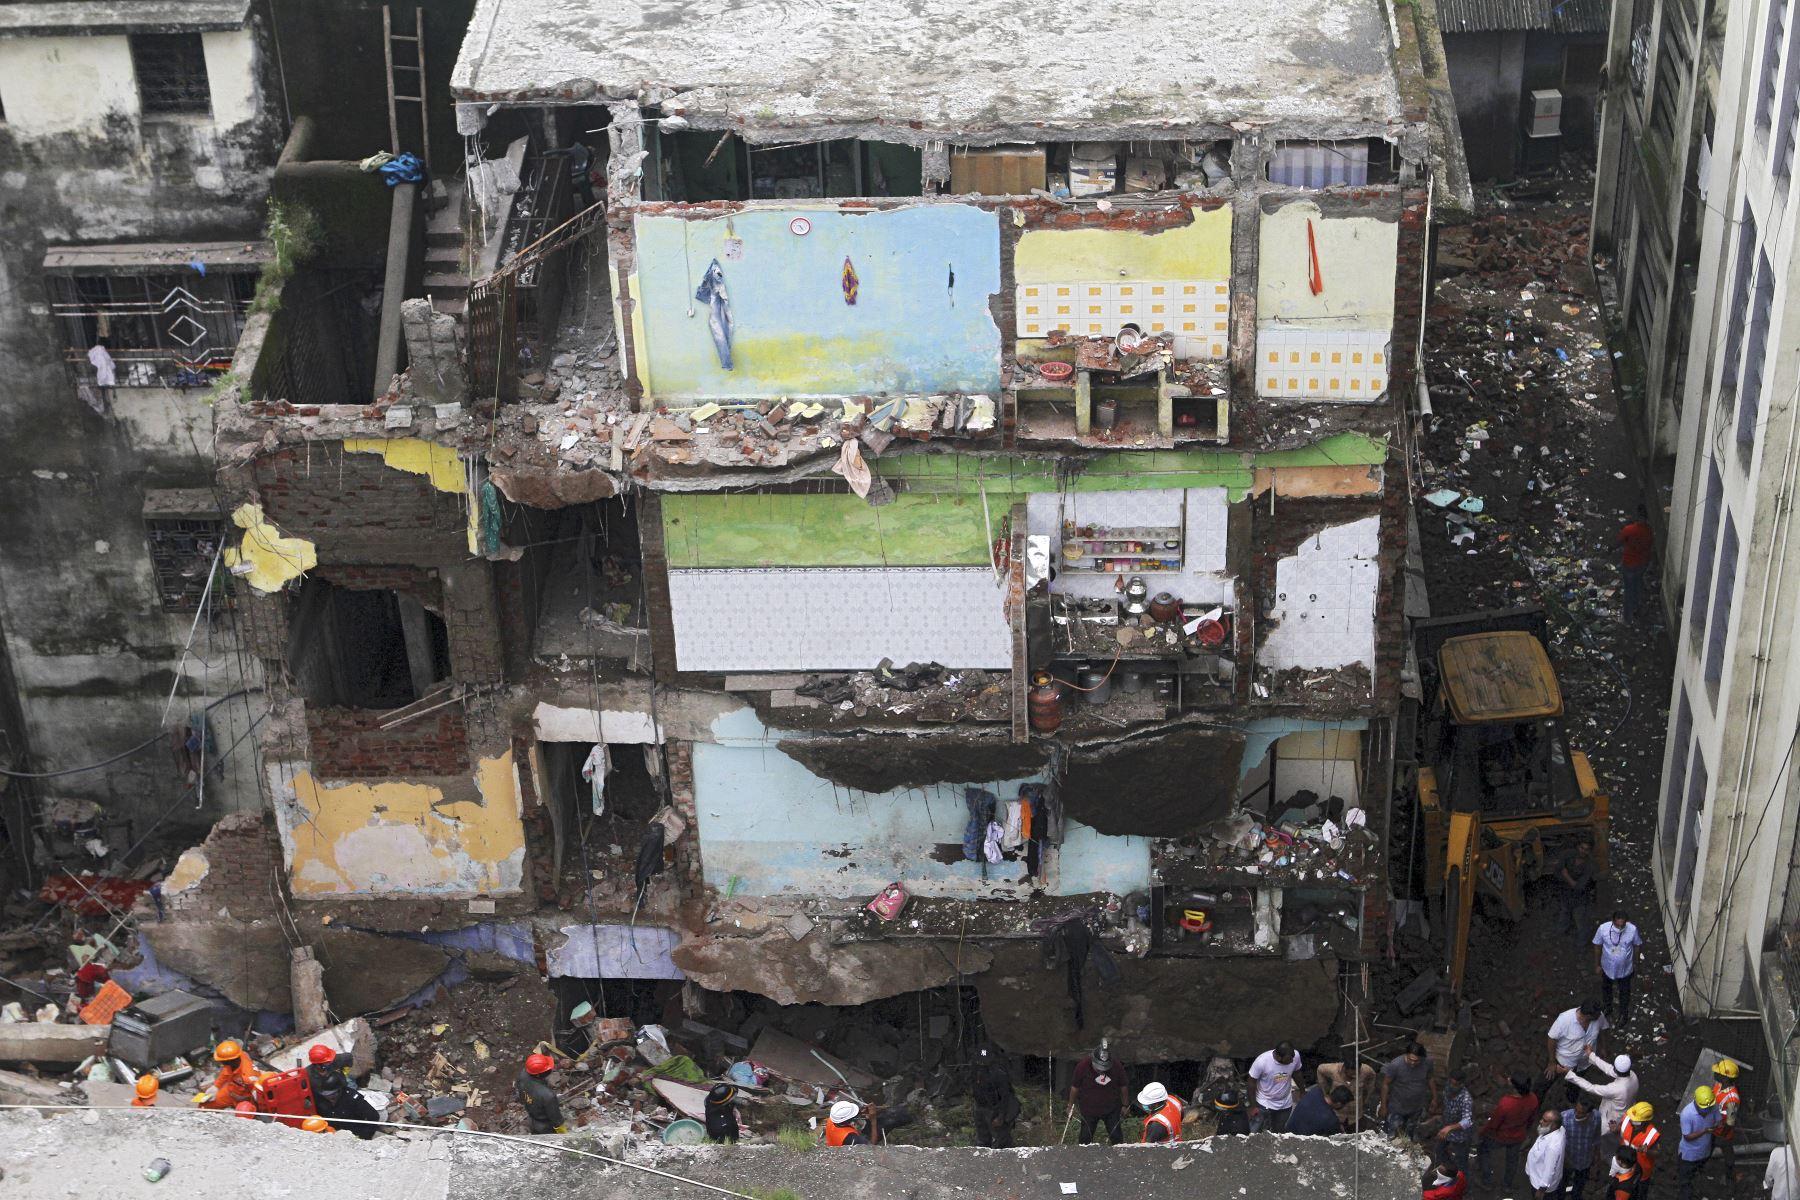 Los rescatistas buscan sobrevivientes entre los escombros de un edificio residencial de tres pisos colapsado en Bhiwandi, India. Foto: AFP